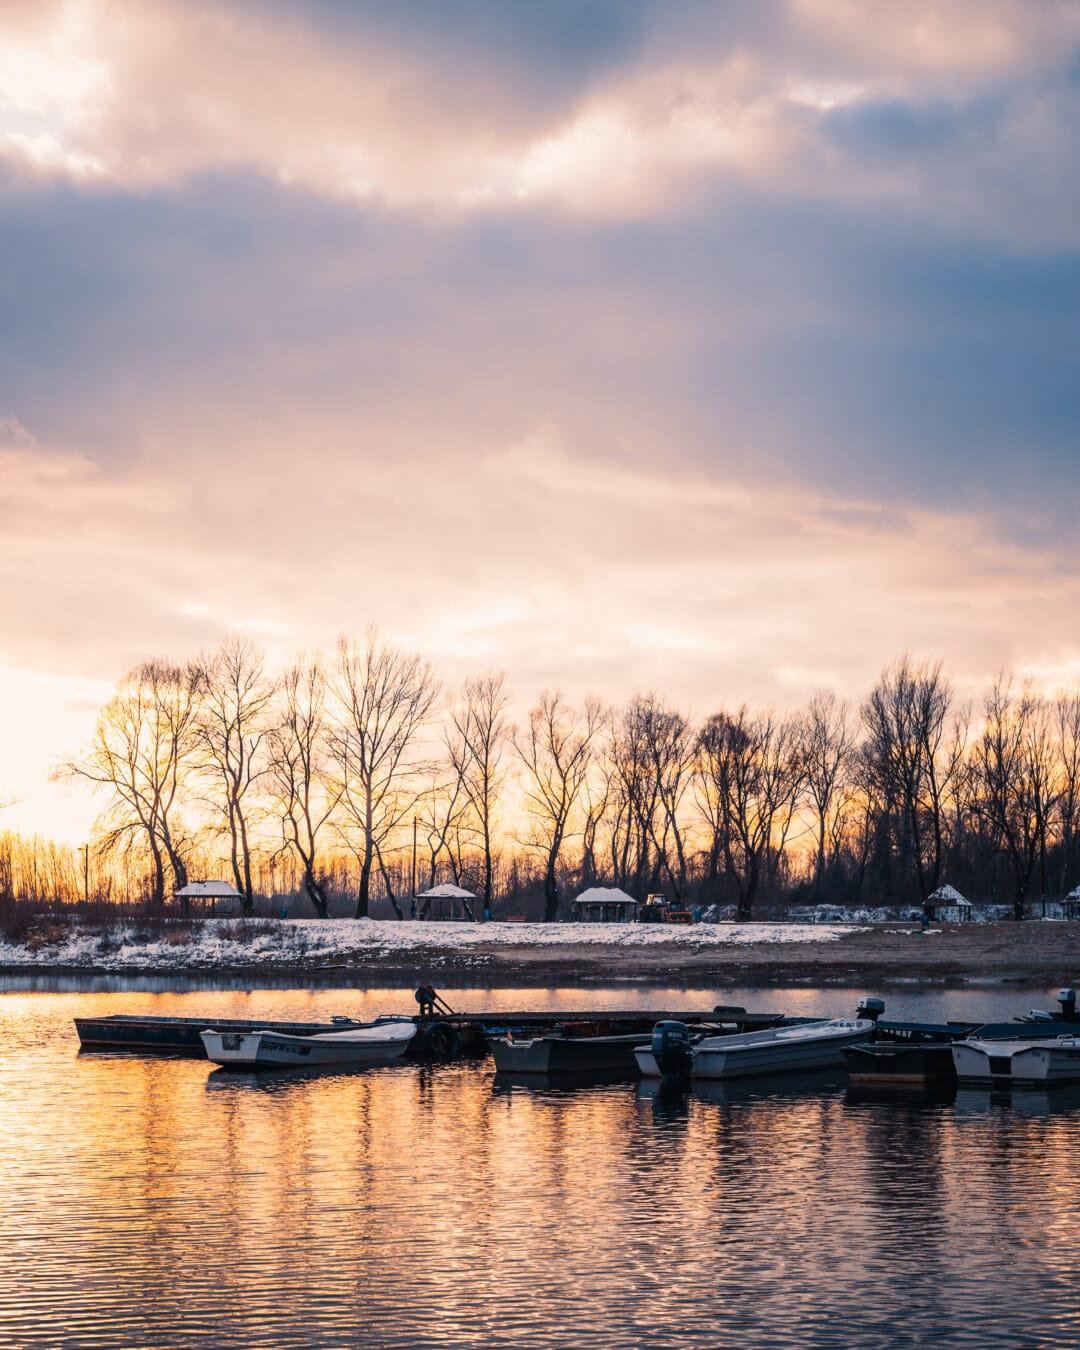 Hiver, majestueux, crépuscule, atmosphère, au bord du lac, bateaux, berge, quai, paysage, réflexion